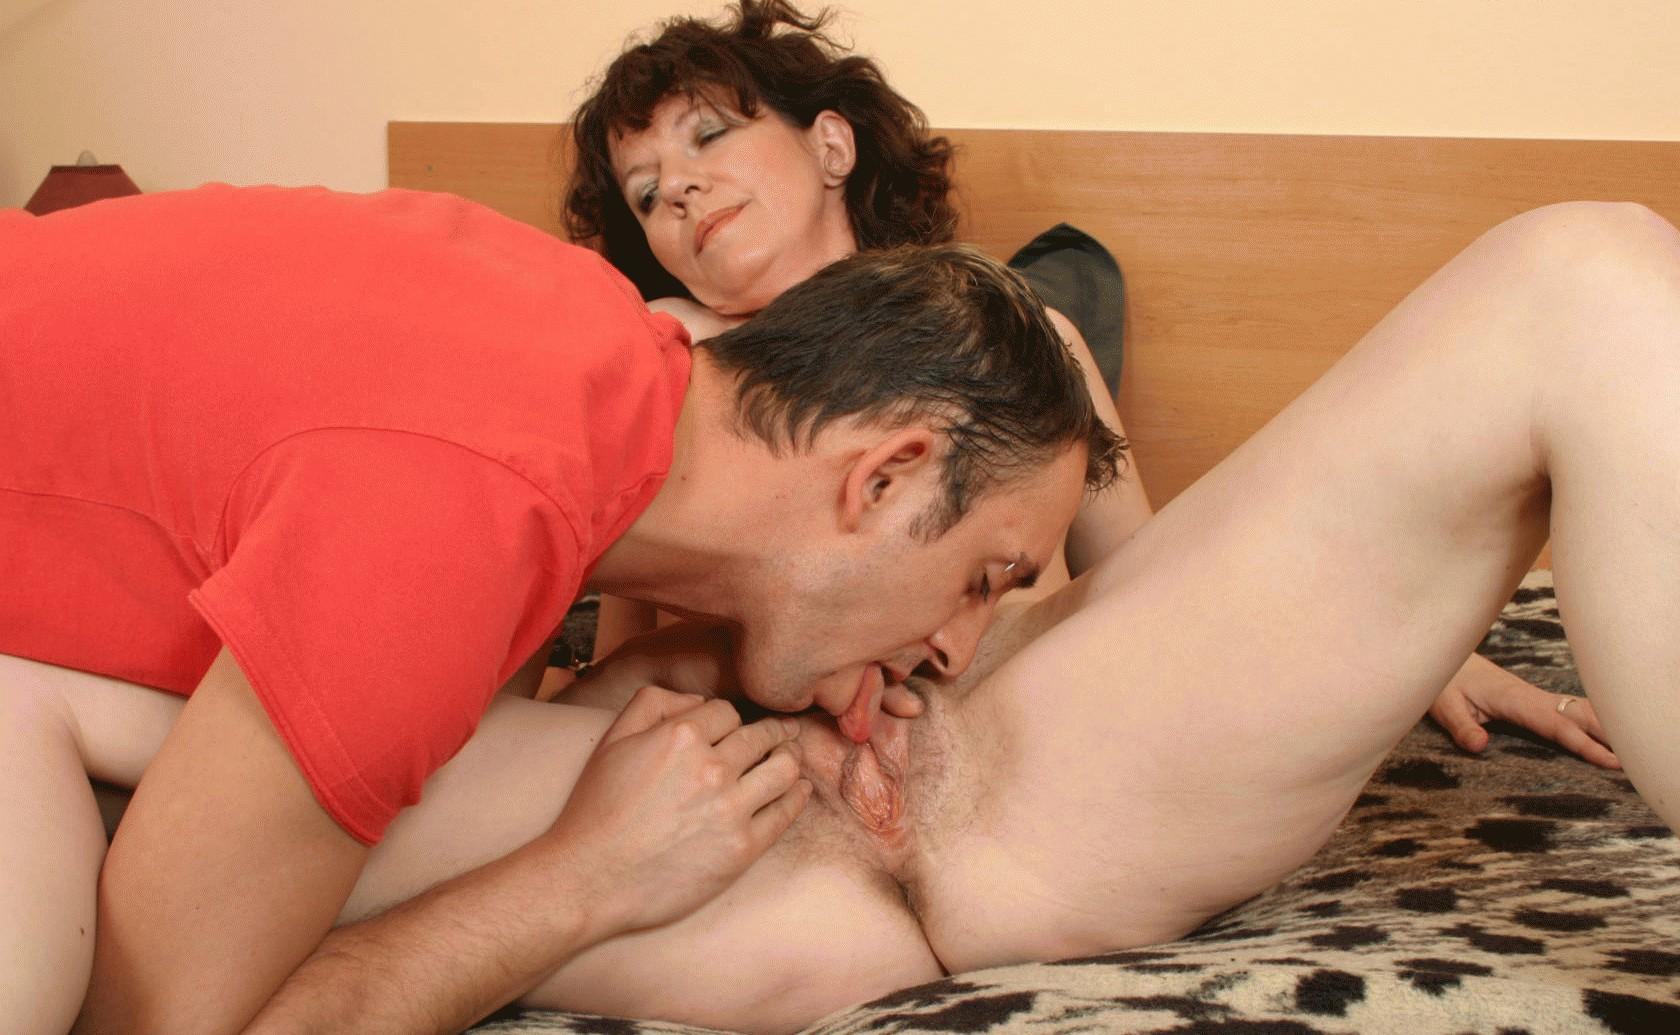 Порно с зрелой женщиной и парнем